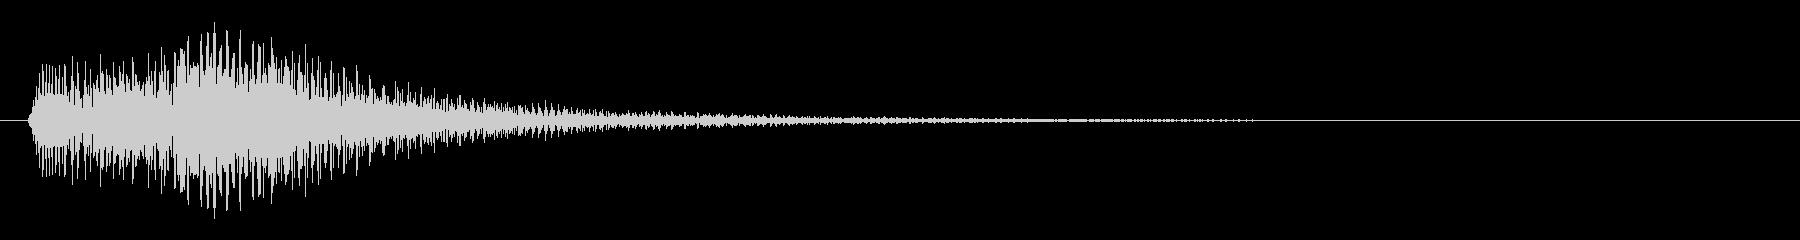 決定・空気感・キャッチー・印象的19の未再生の波形